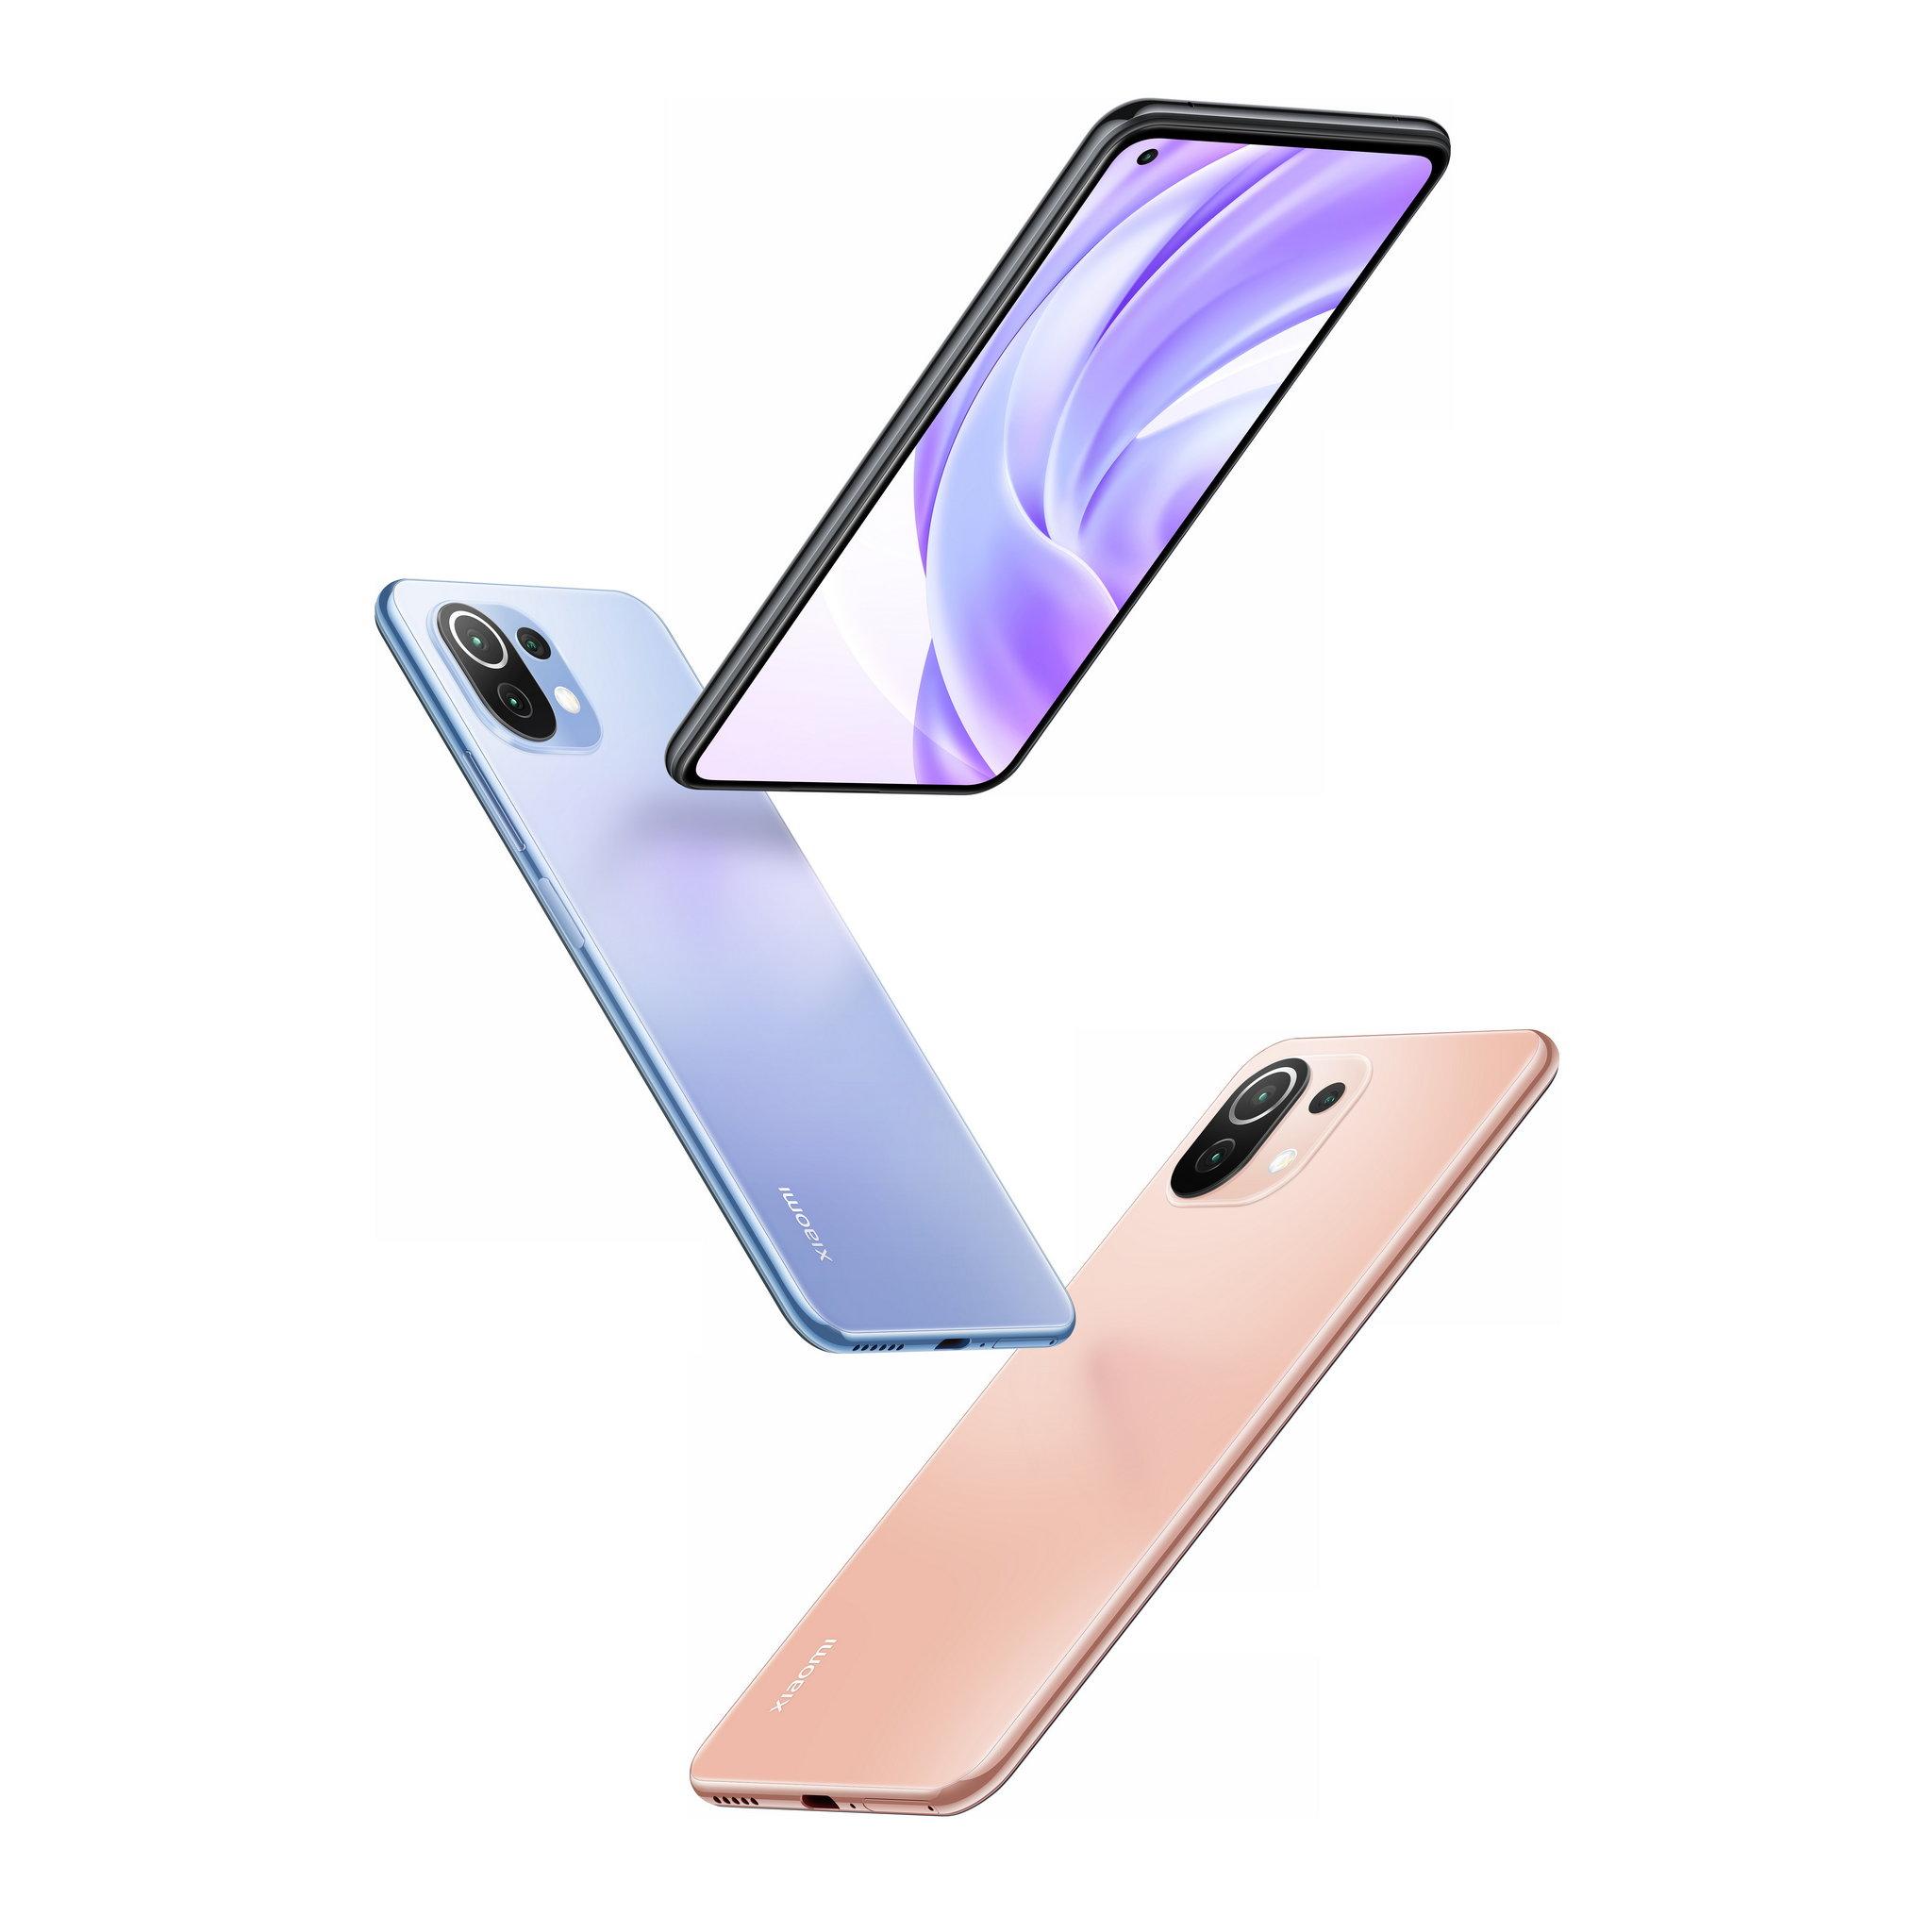 Xiaomi Mi 11 Lite 5G și Mi 11 Lite: Telefoane inteligente ultra-slim fără compromisuri